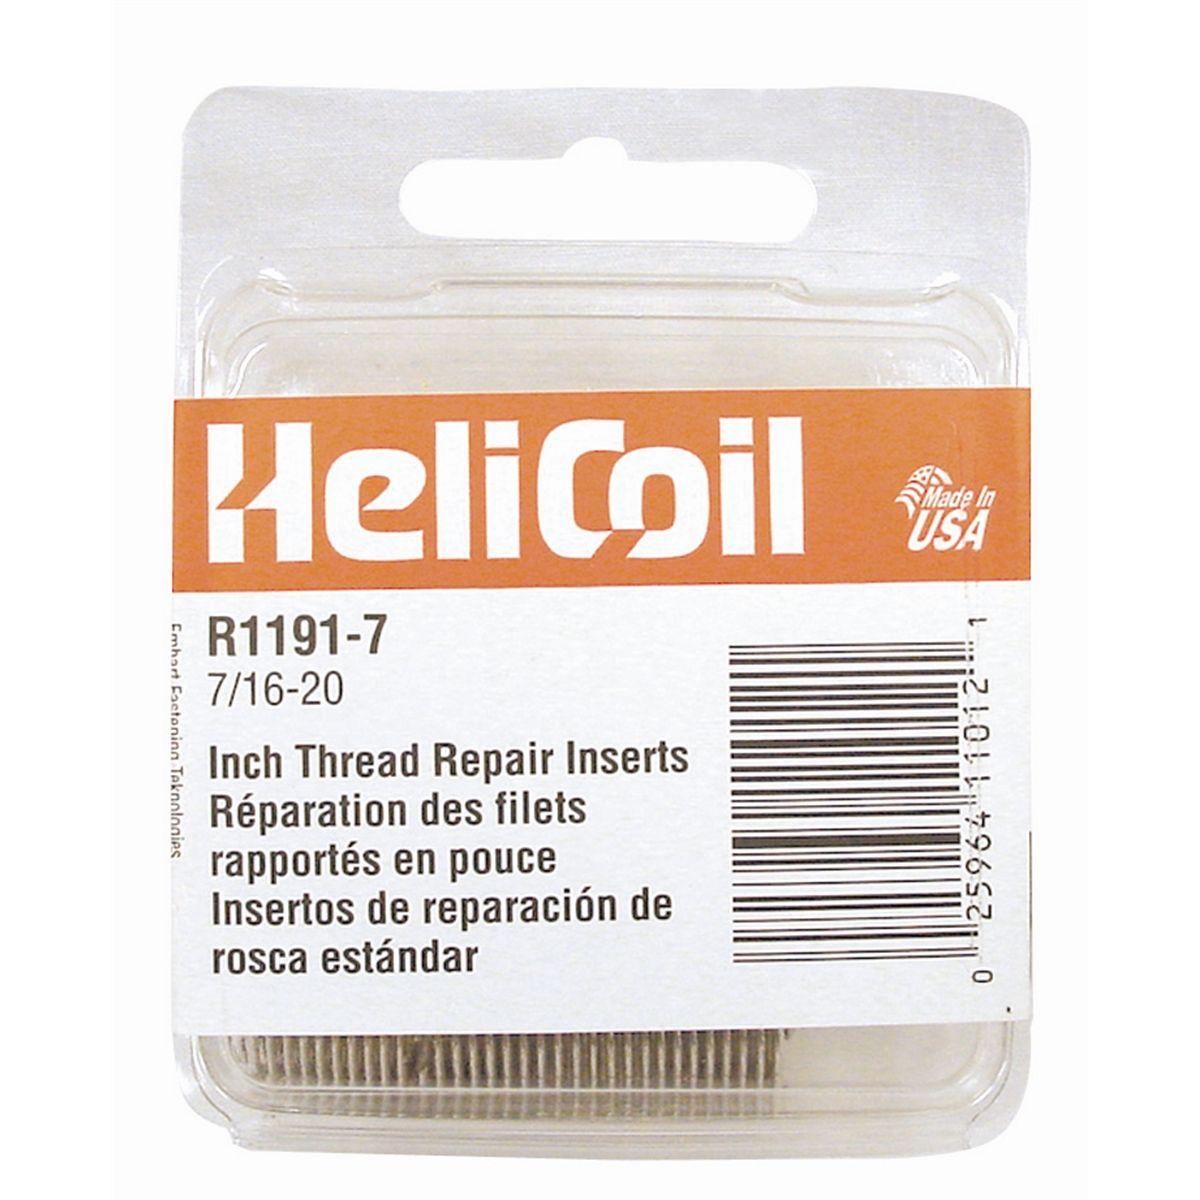 12 PACK HEILCOIL 3//8-16 INSERTS R-1185-6